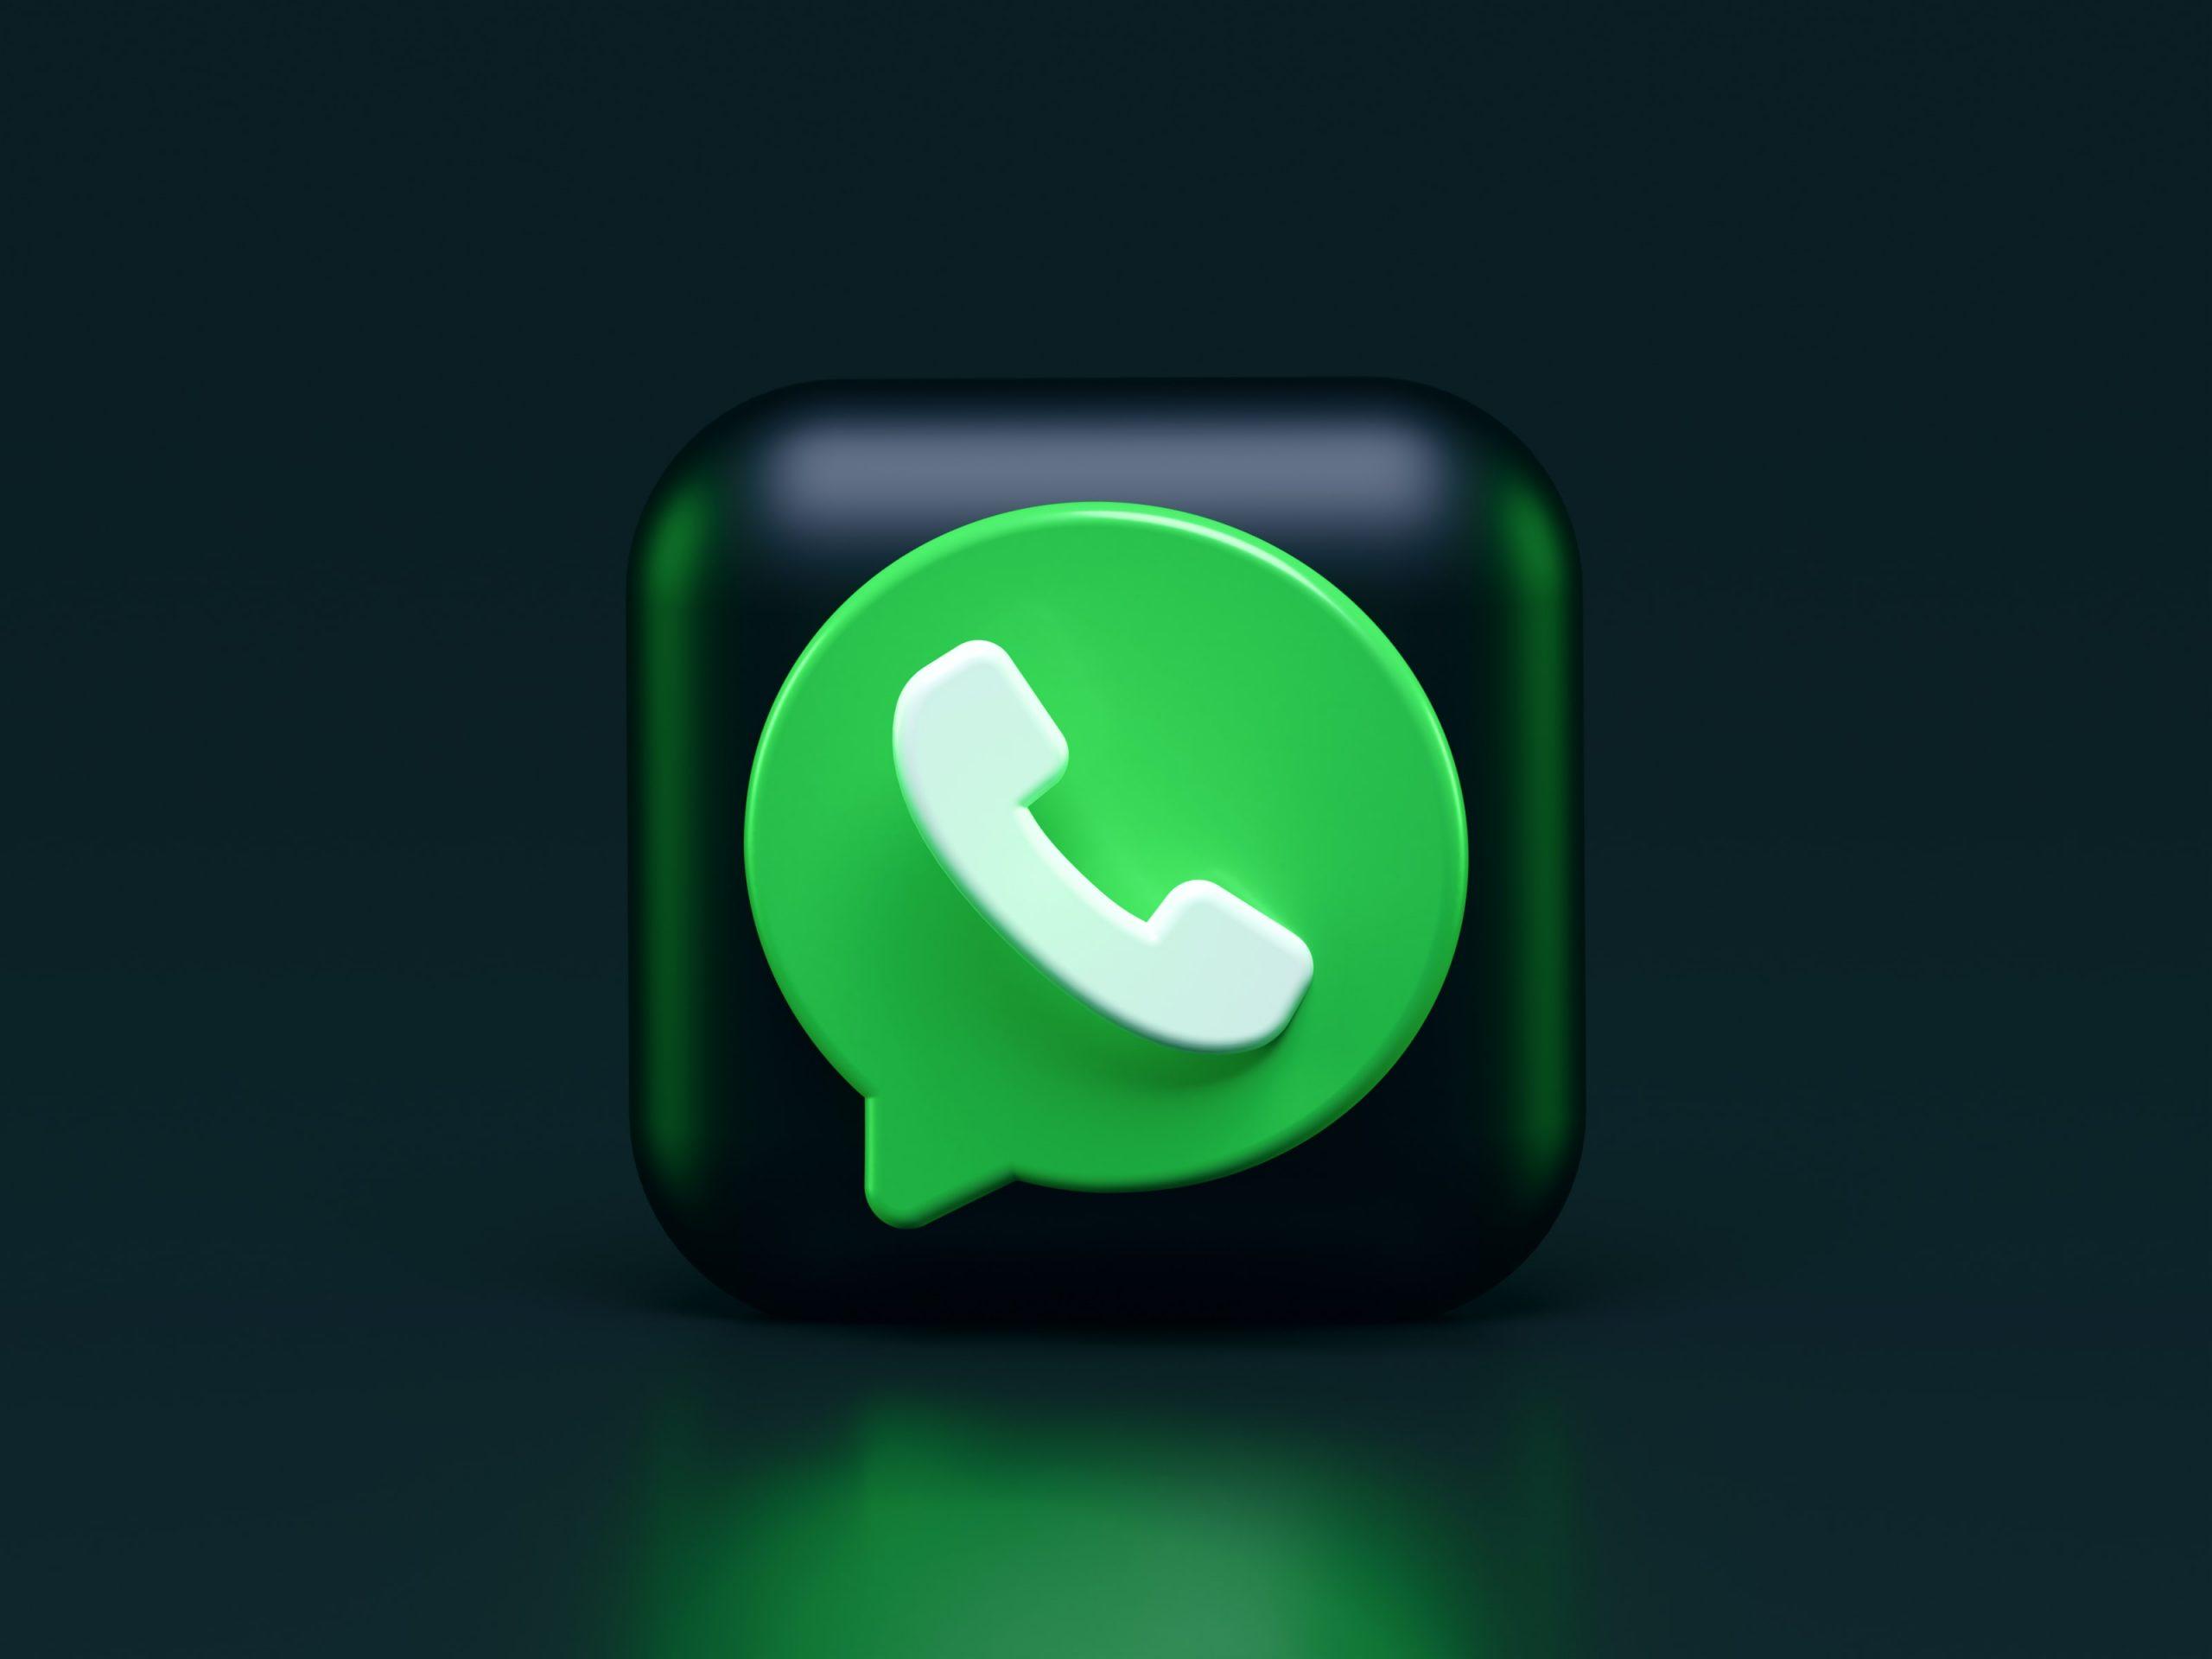 cara membuat nada dering whatsapp